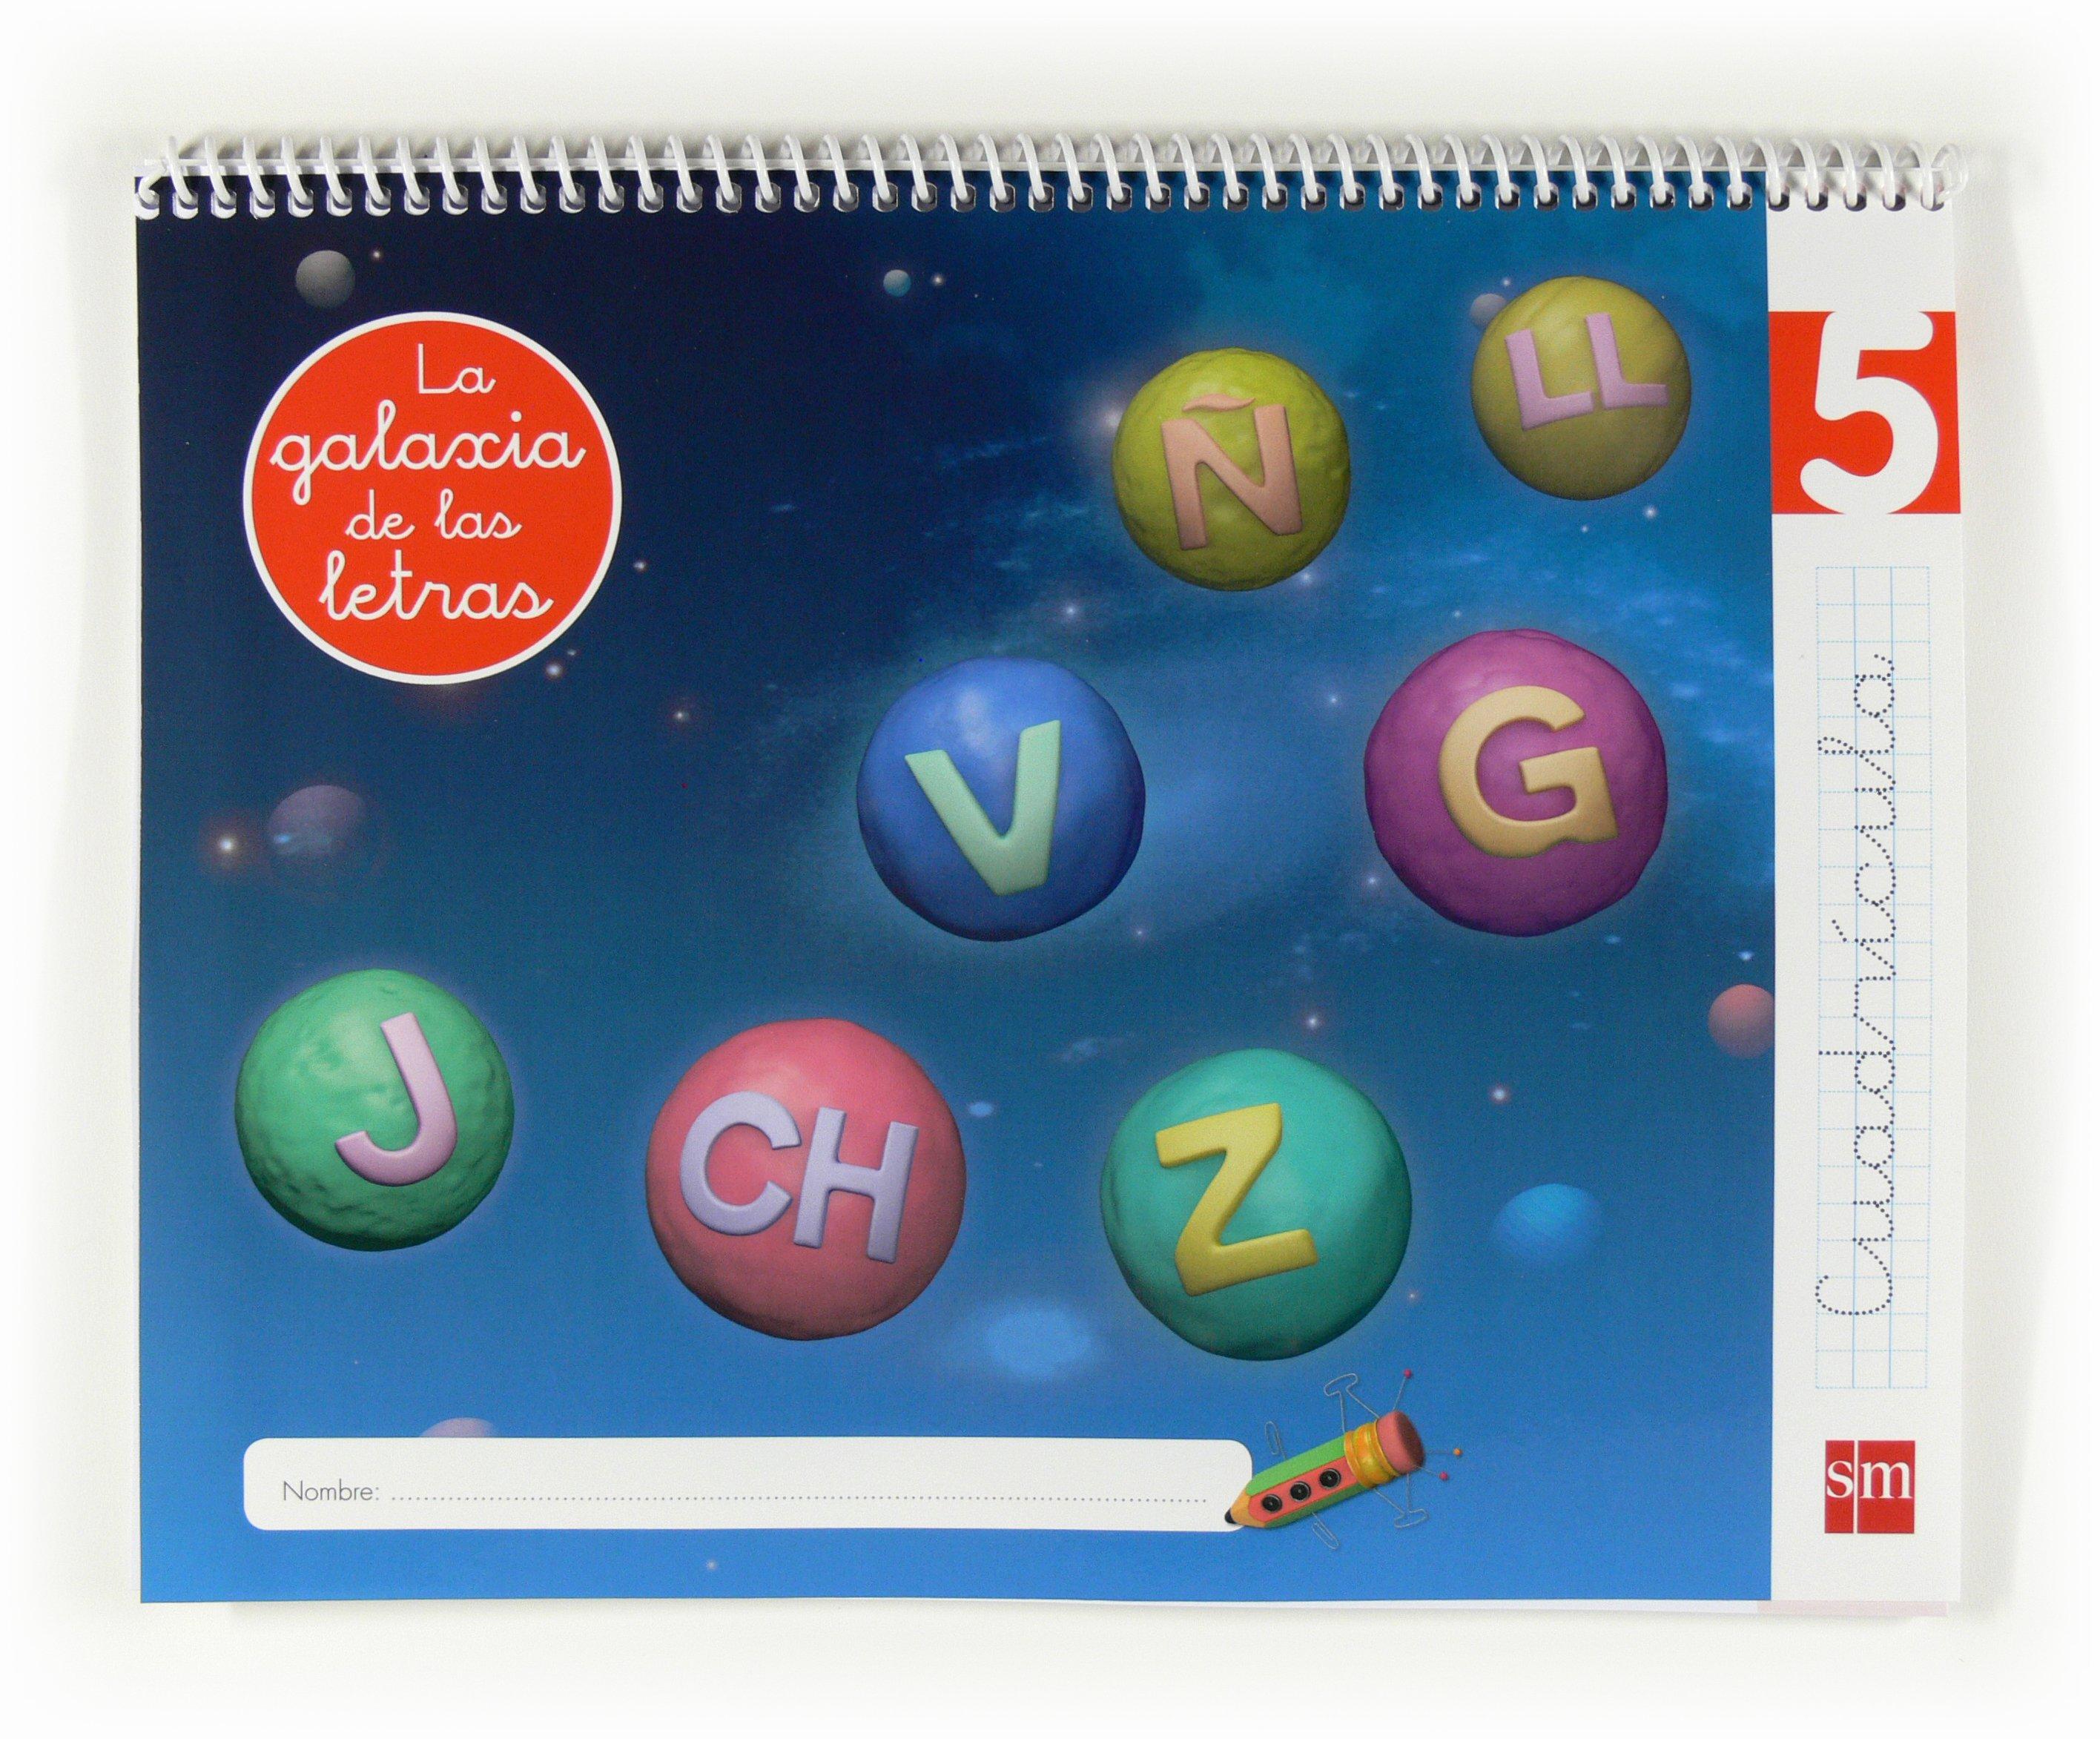 lectoescritura la galaxia de las letras 5 años nivel 5 cuadricula educacion infantil-9788467554762